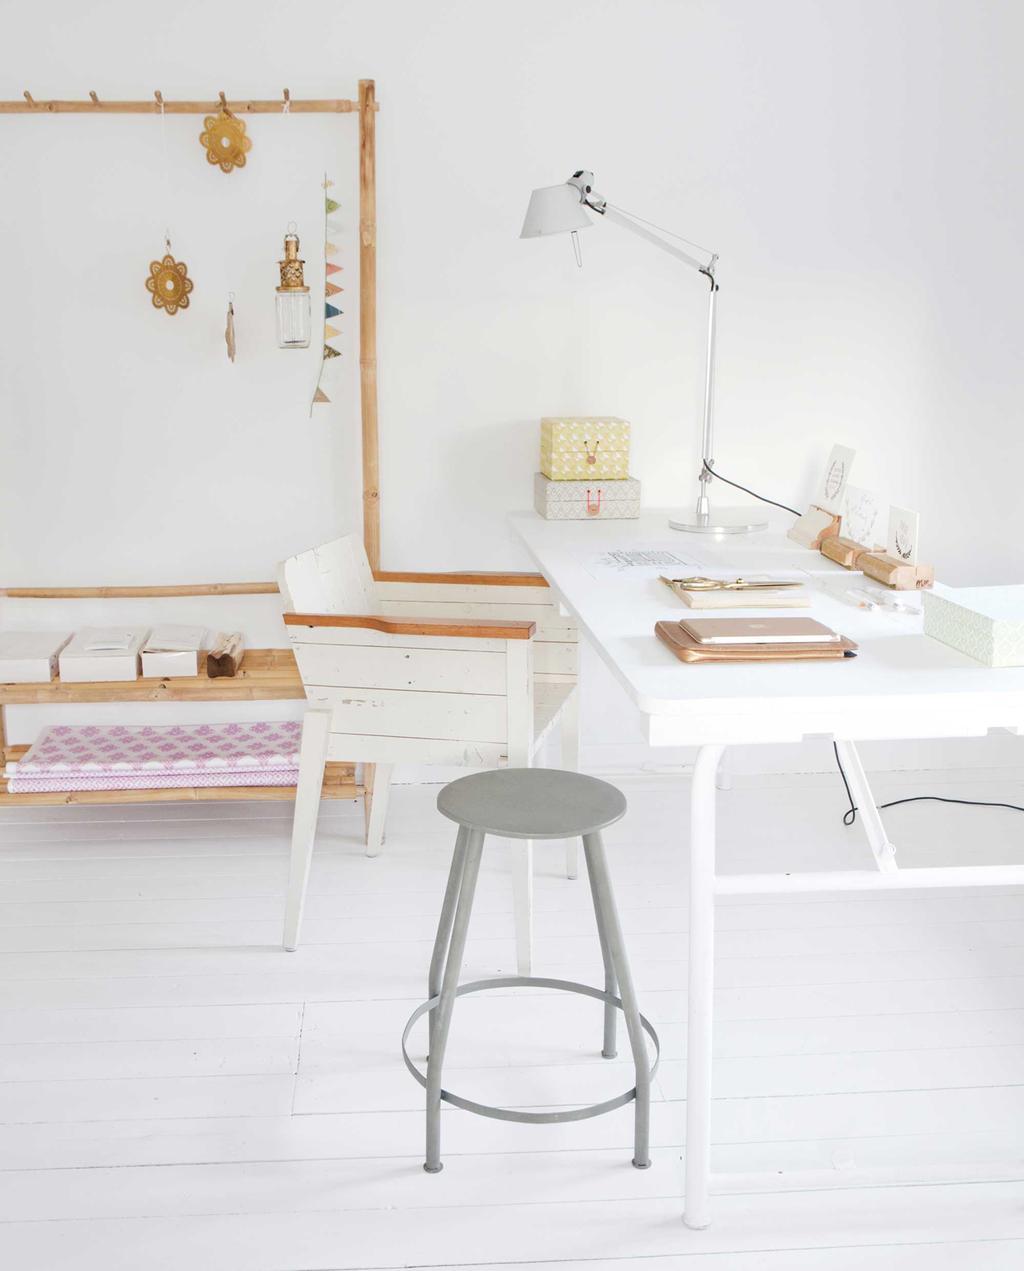 werkkamer wit bureau en metalen kruk